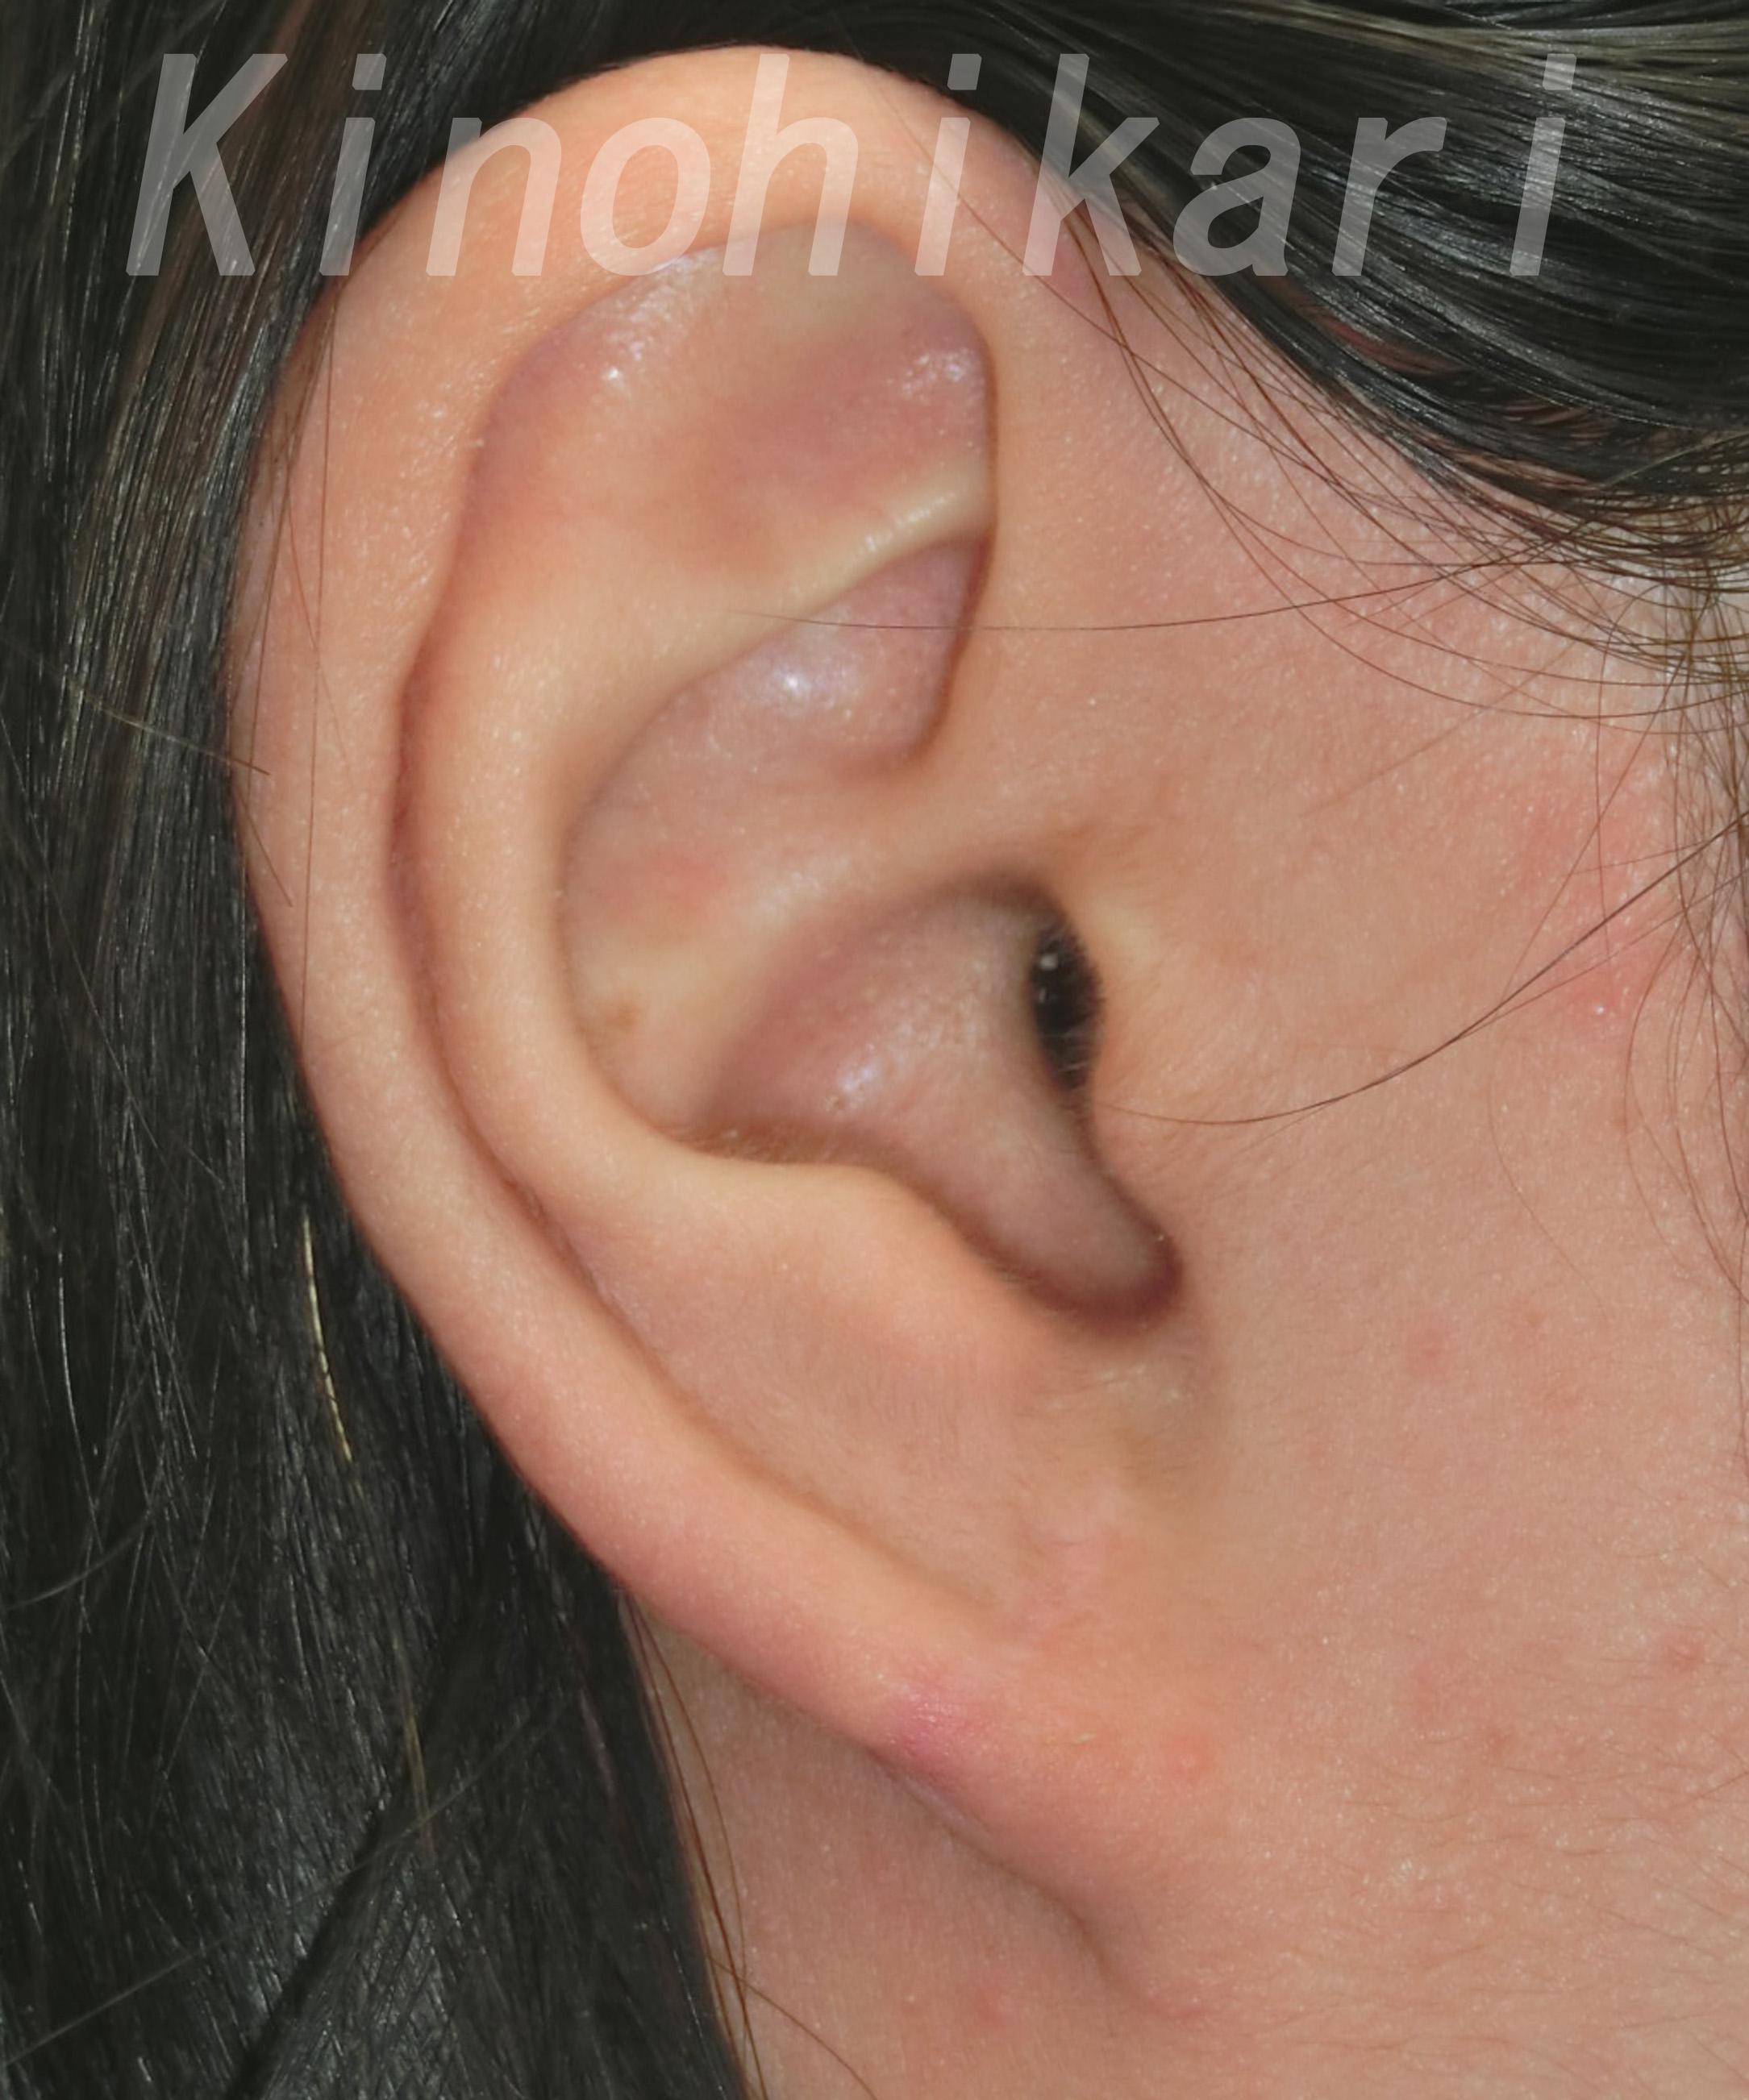 の ホクロ 耳 後ろ の